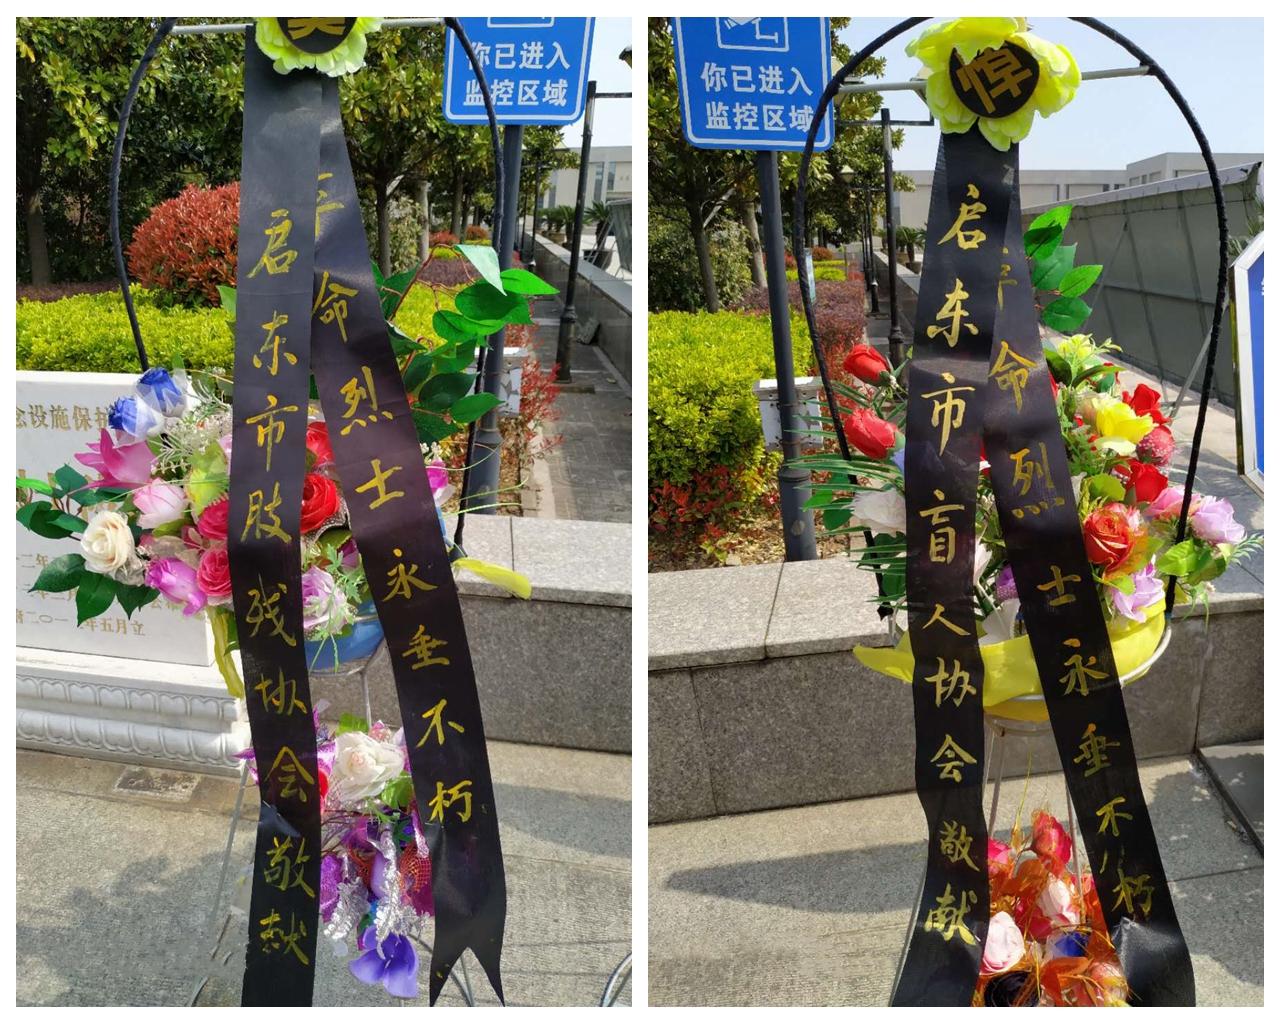 启东肢协 启东盲协共同组织清明节烈士陵园祭先烈活动